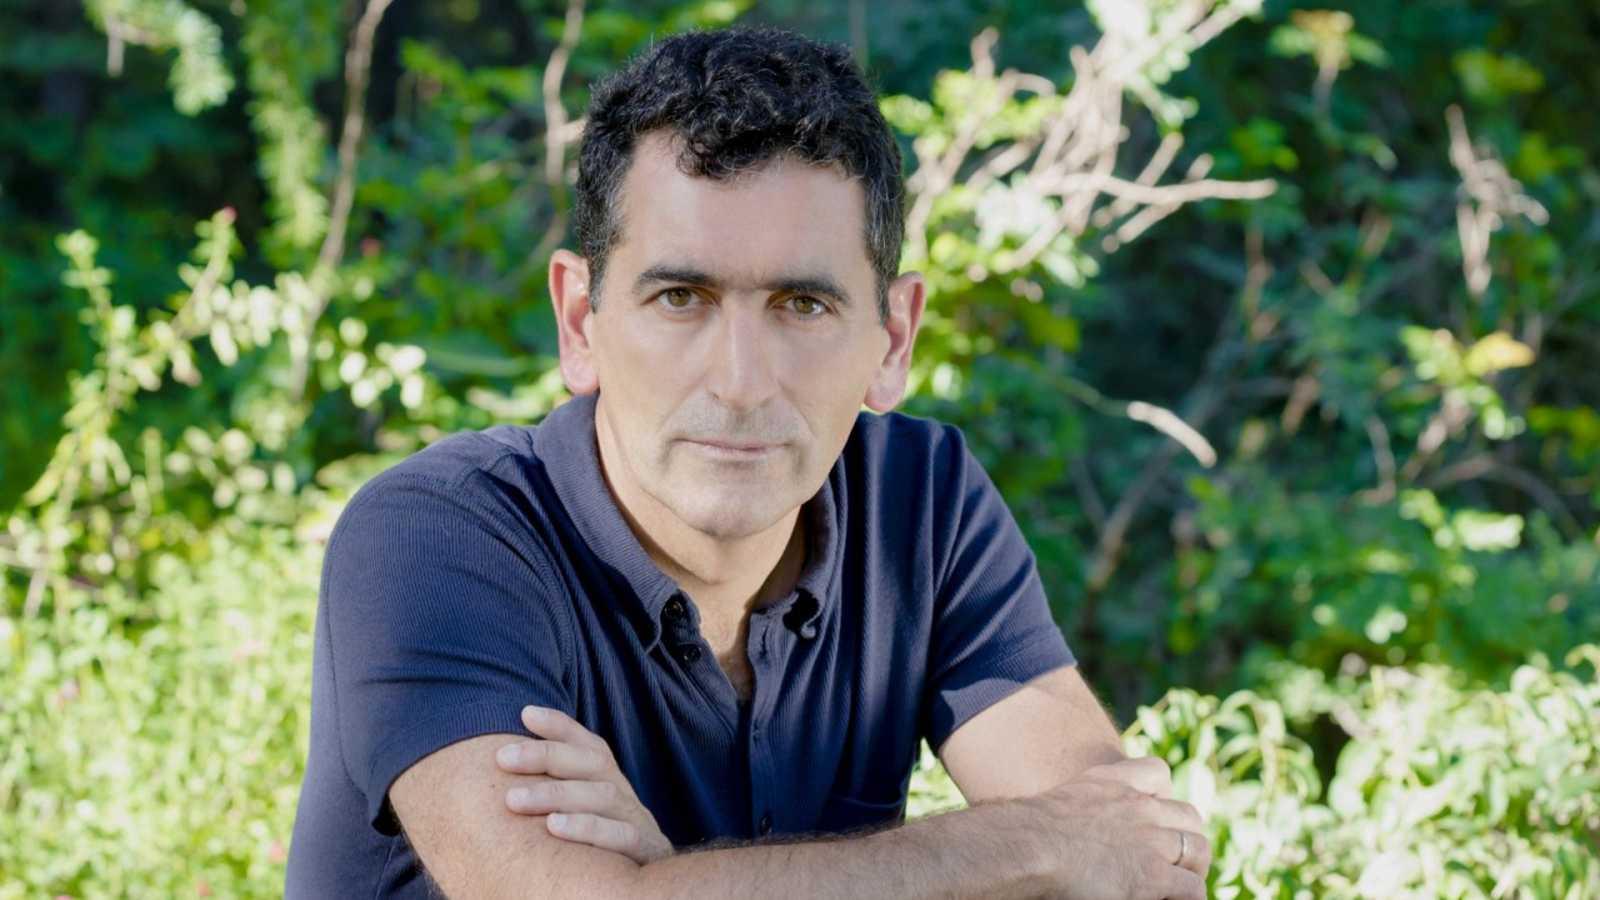 El café lo hago yo - Juan Mayorga: 'Que en la RAE haya más mujeres es necesario y justo' - 21/03/21 - Escuchar ahora